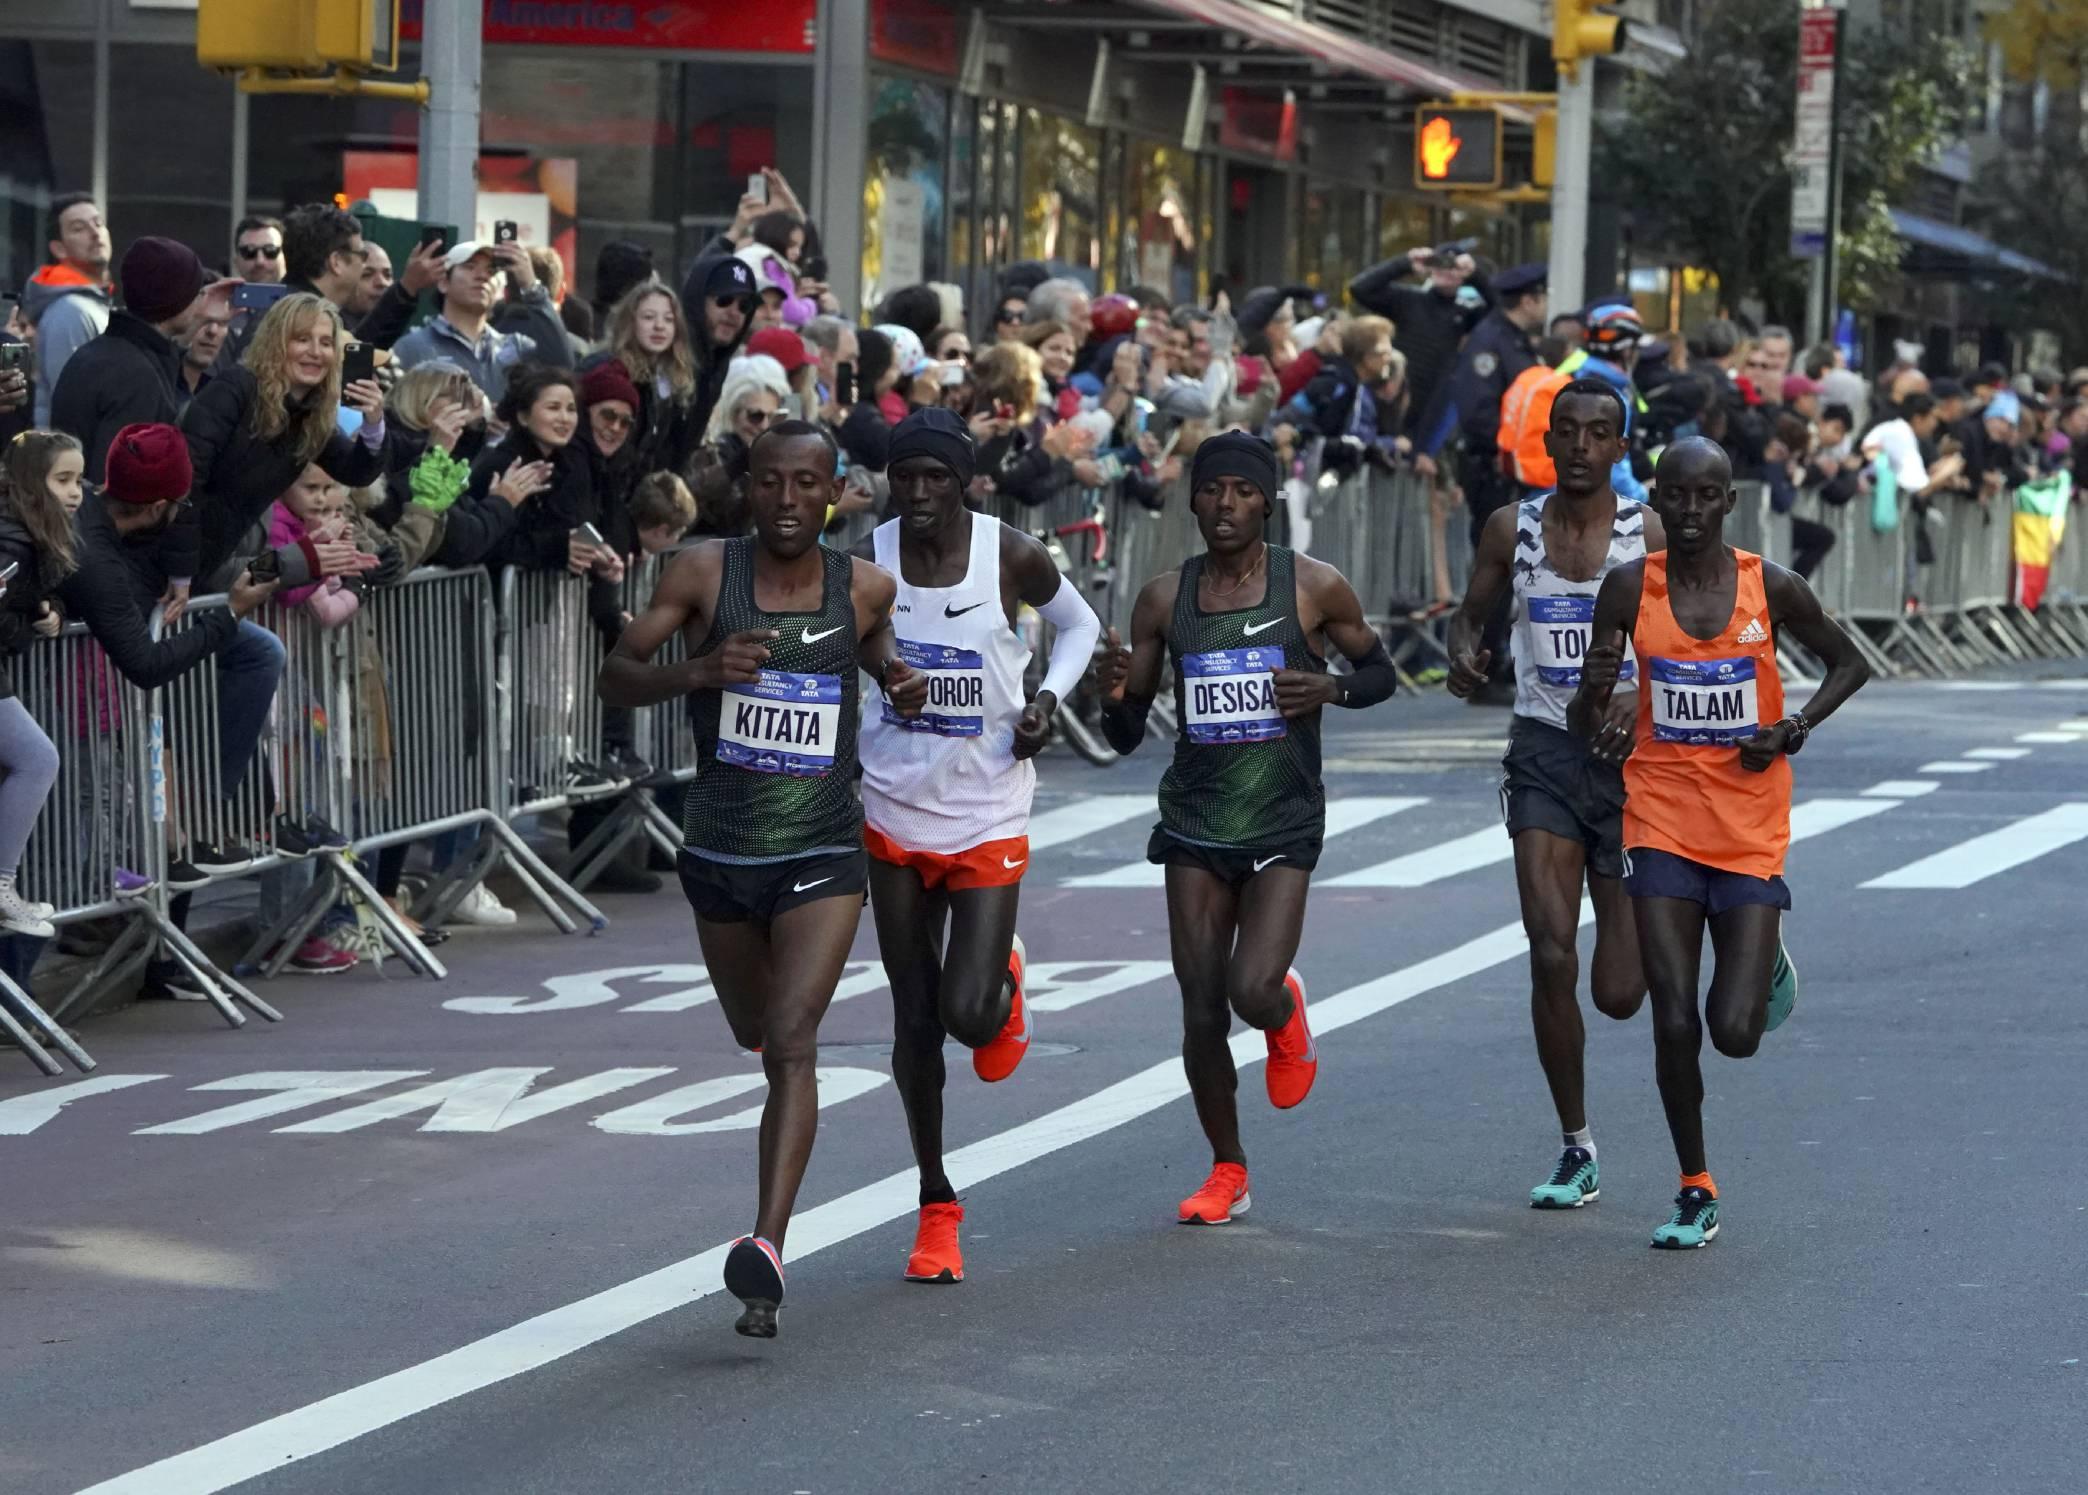 2018 New York City Marathon Runners Win